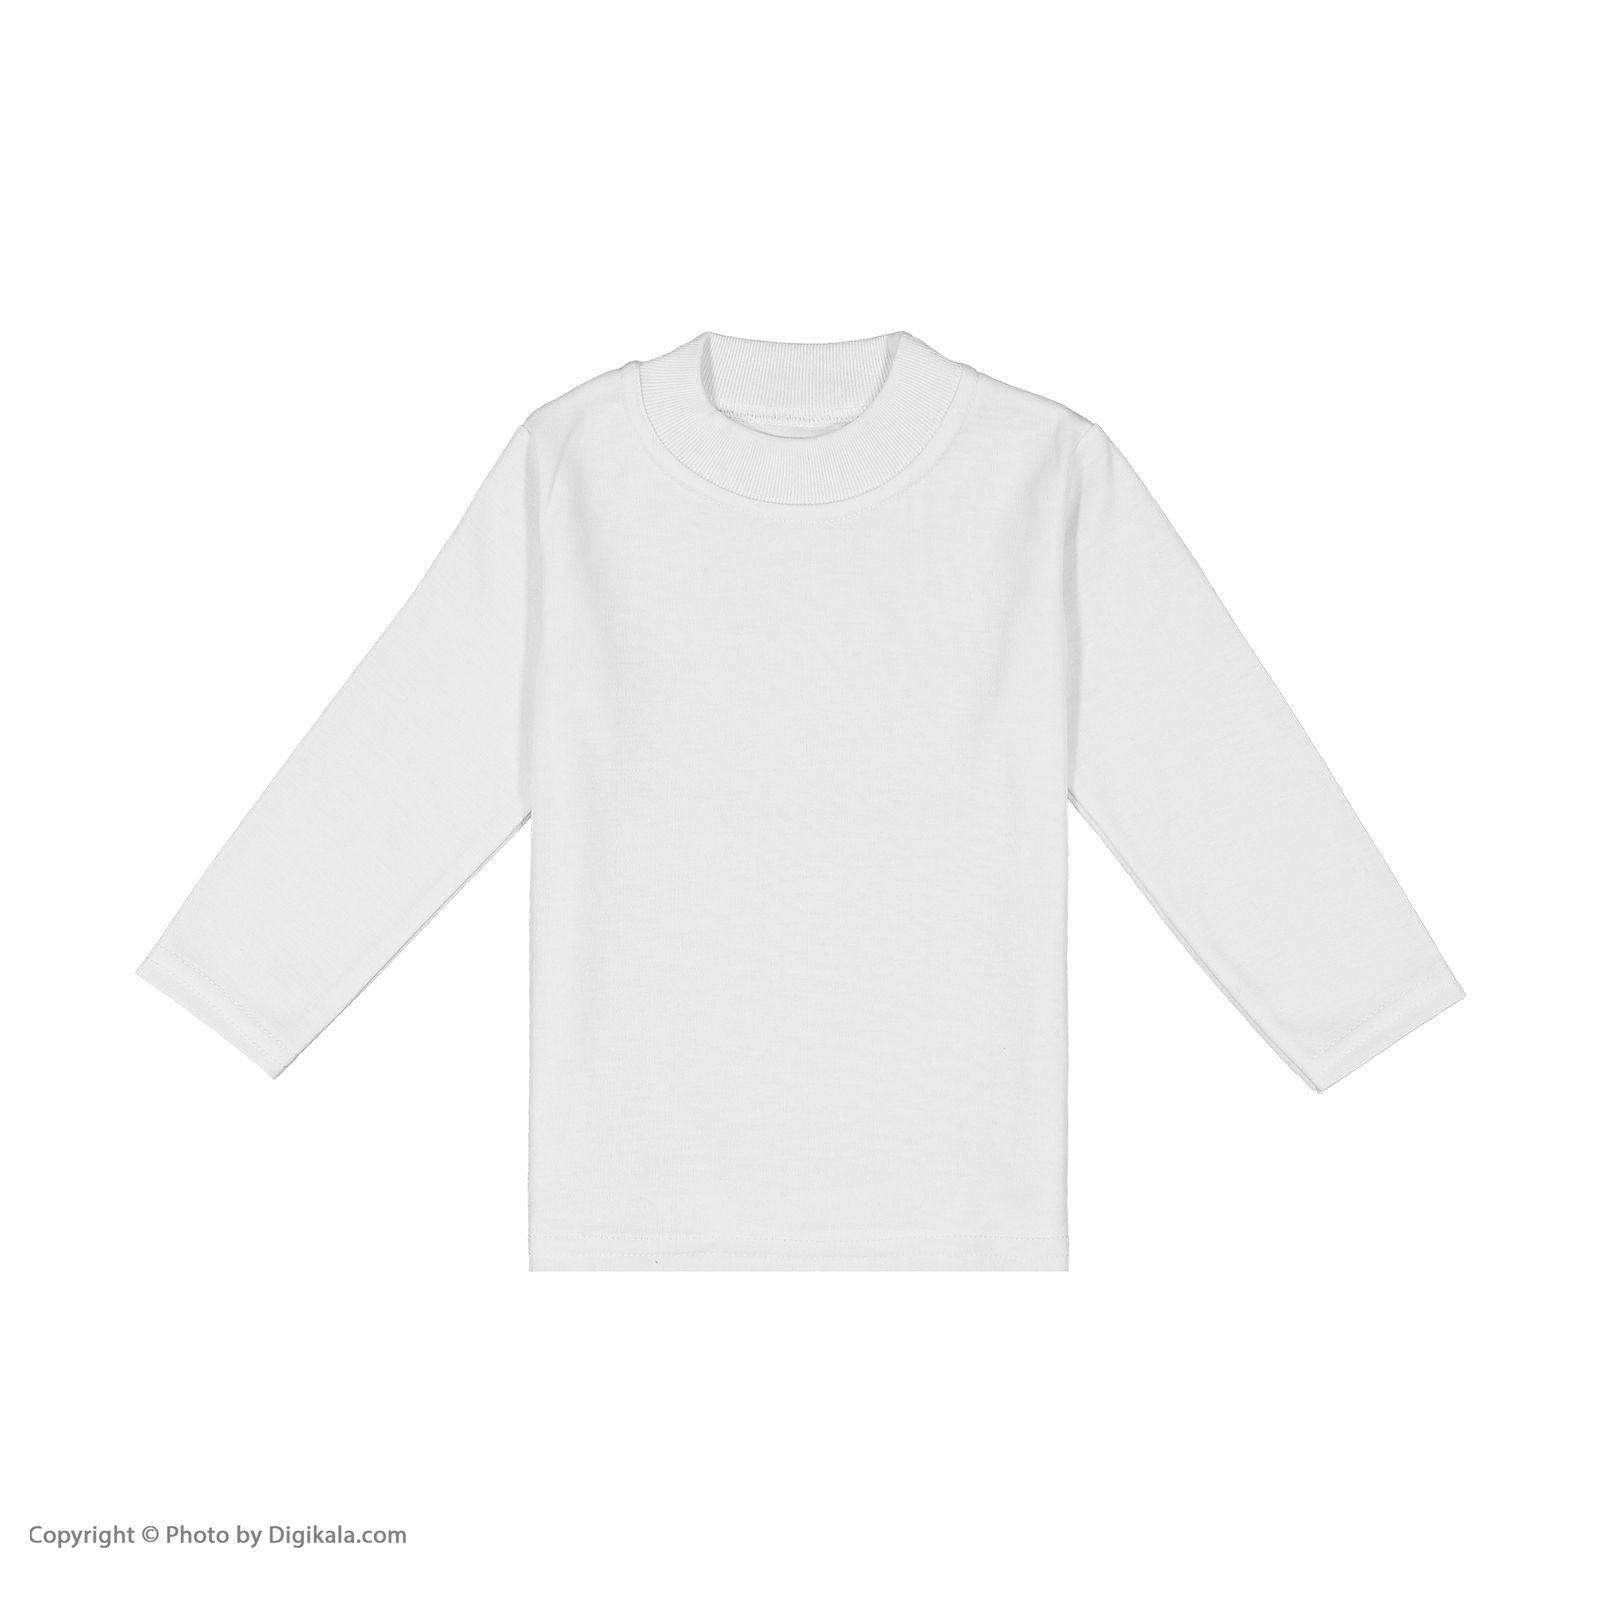 تی شرت دخترانه سیدونا مدل KSI2024-002 -  - 2